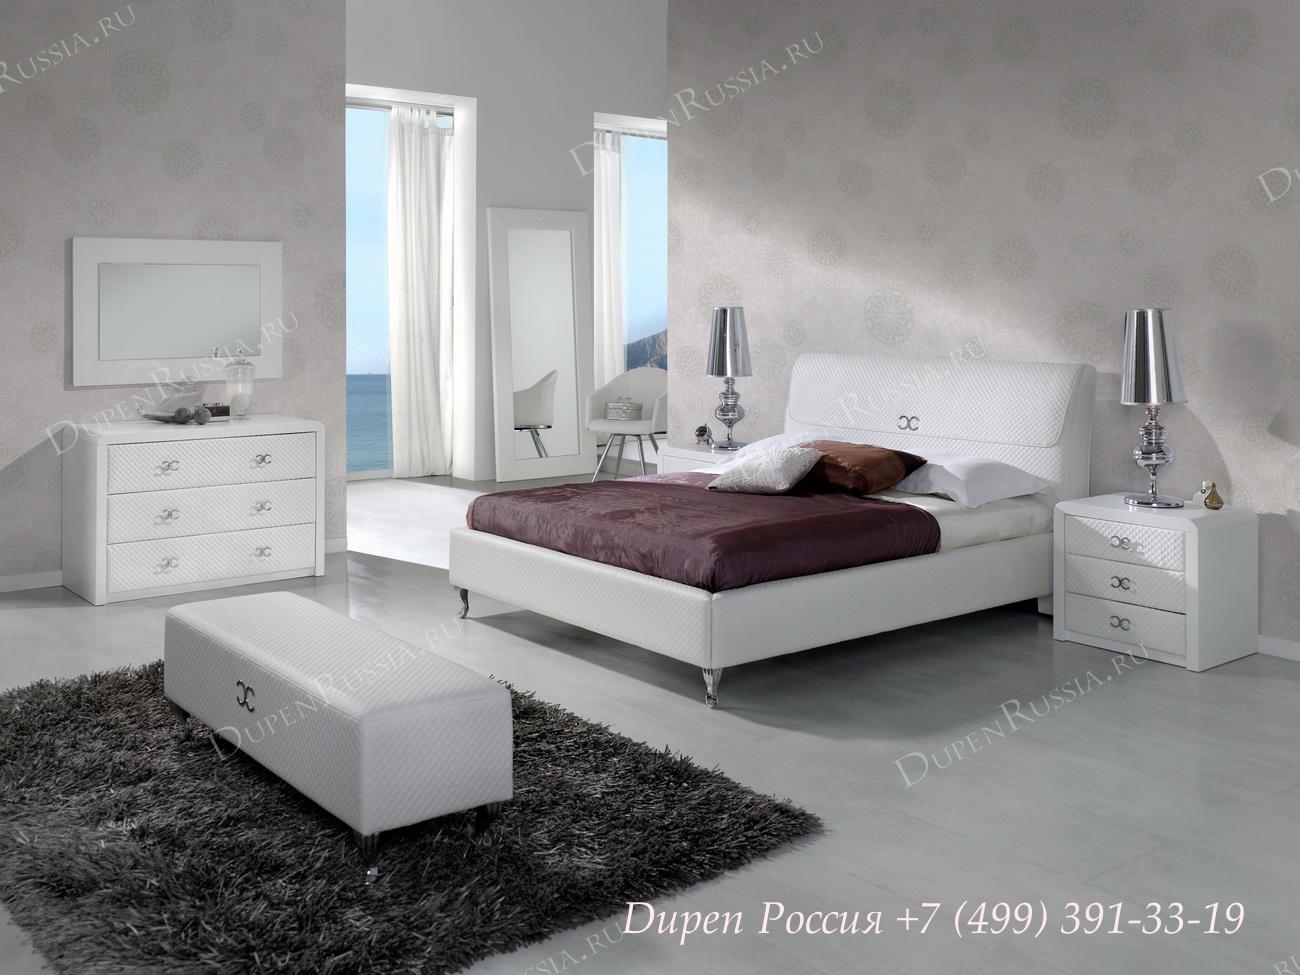 Кровать Dupen 887 EMILY,Комод DUPEN С-122 Белый, Зеркало DUPEN E-96 белое, Тумба прикроватная DUPEN М-122 Белая